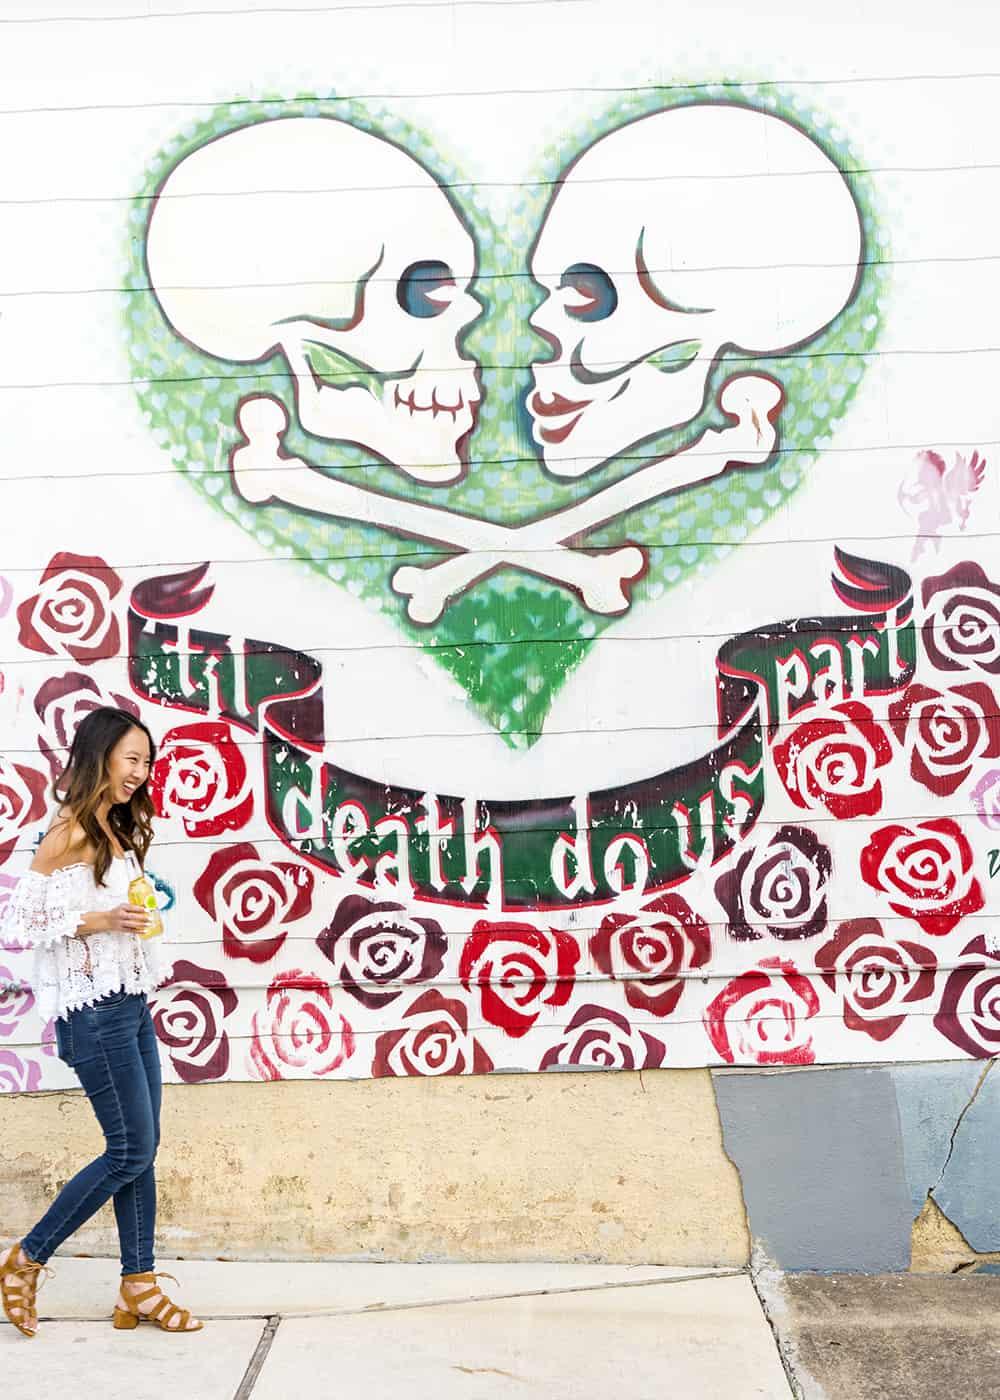 Til Death Do Us Part Mural